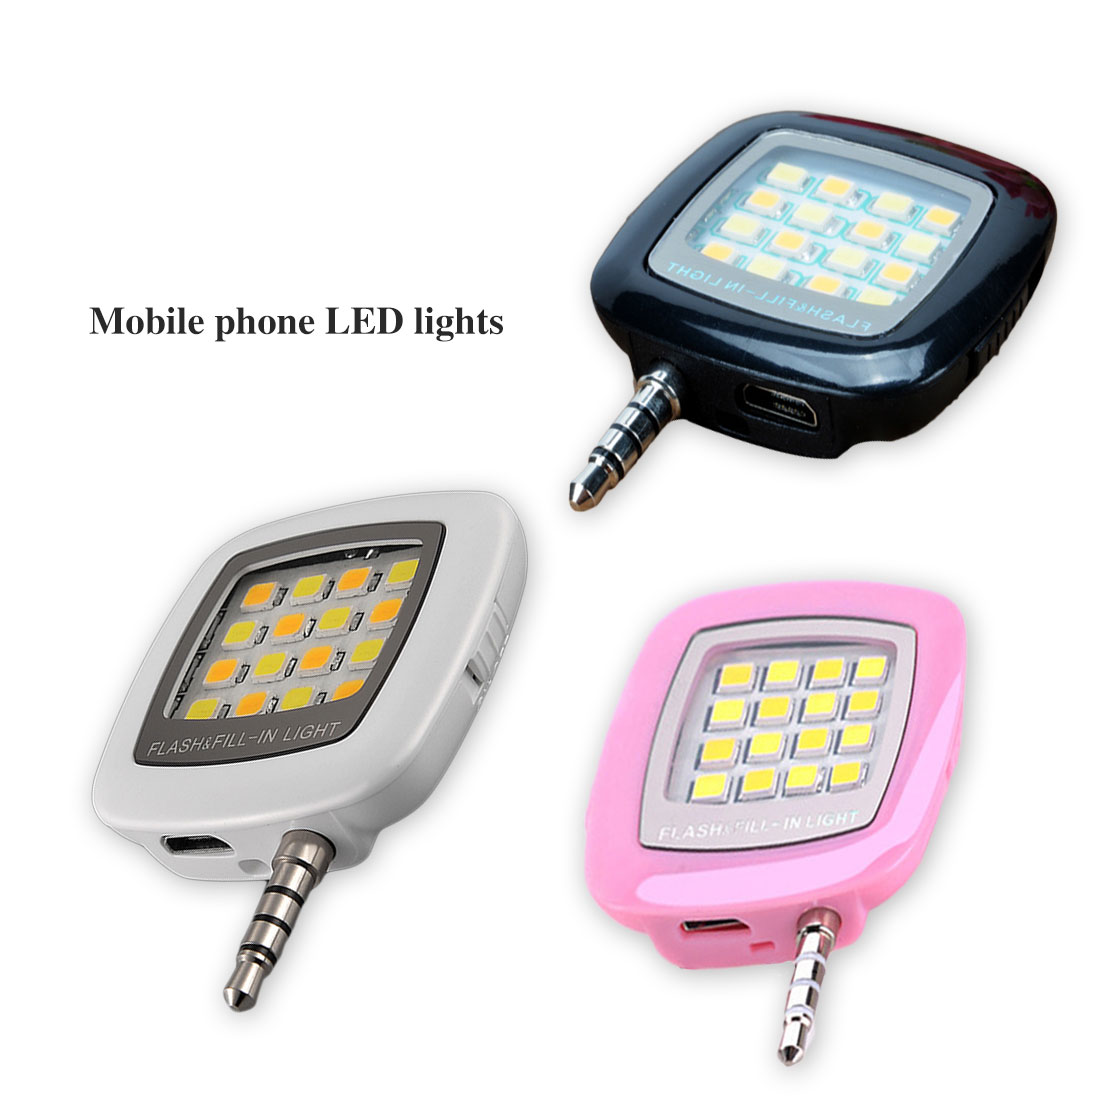 Etmakit мобильный телефон 16 светодиодный вспышкой Регулируемая Заполните свет для iPhone 6 Универсальный телефонах Android Mini для селфи синхронизаци... ...